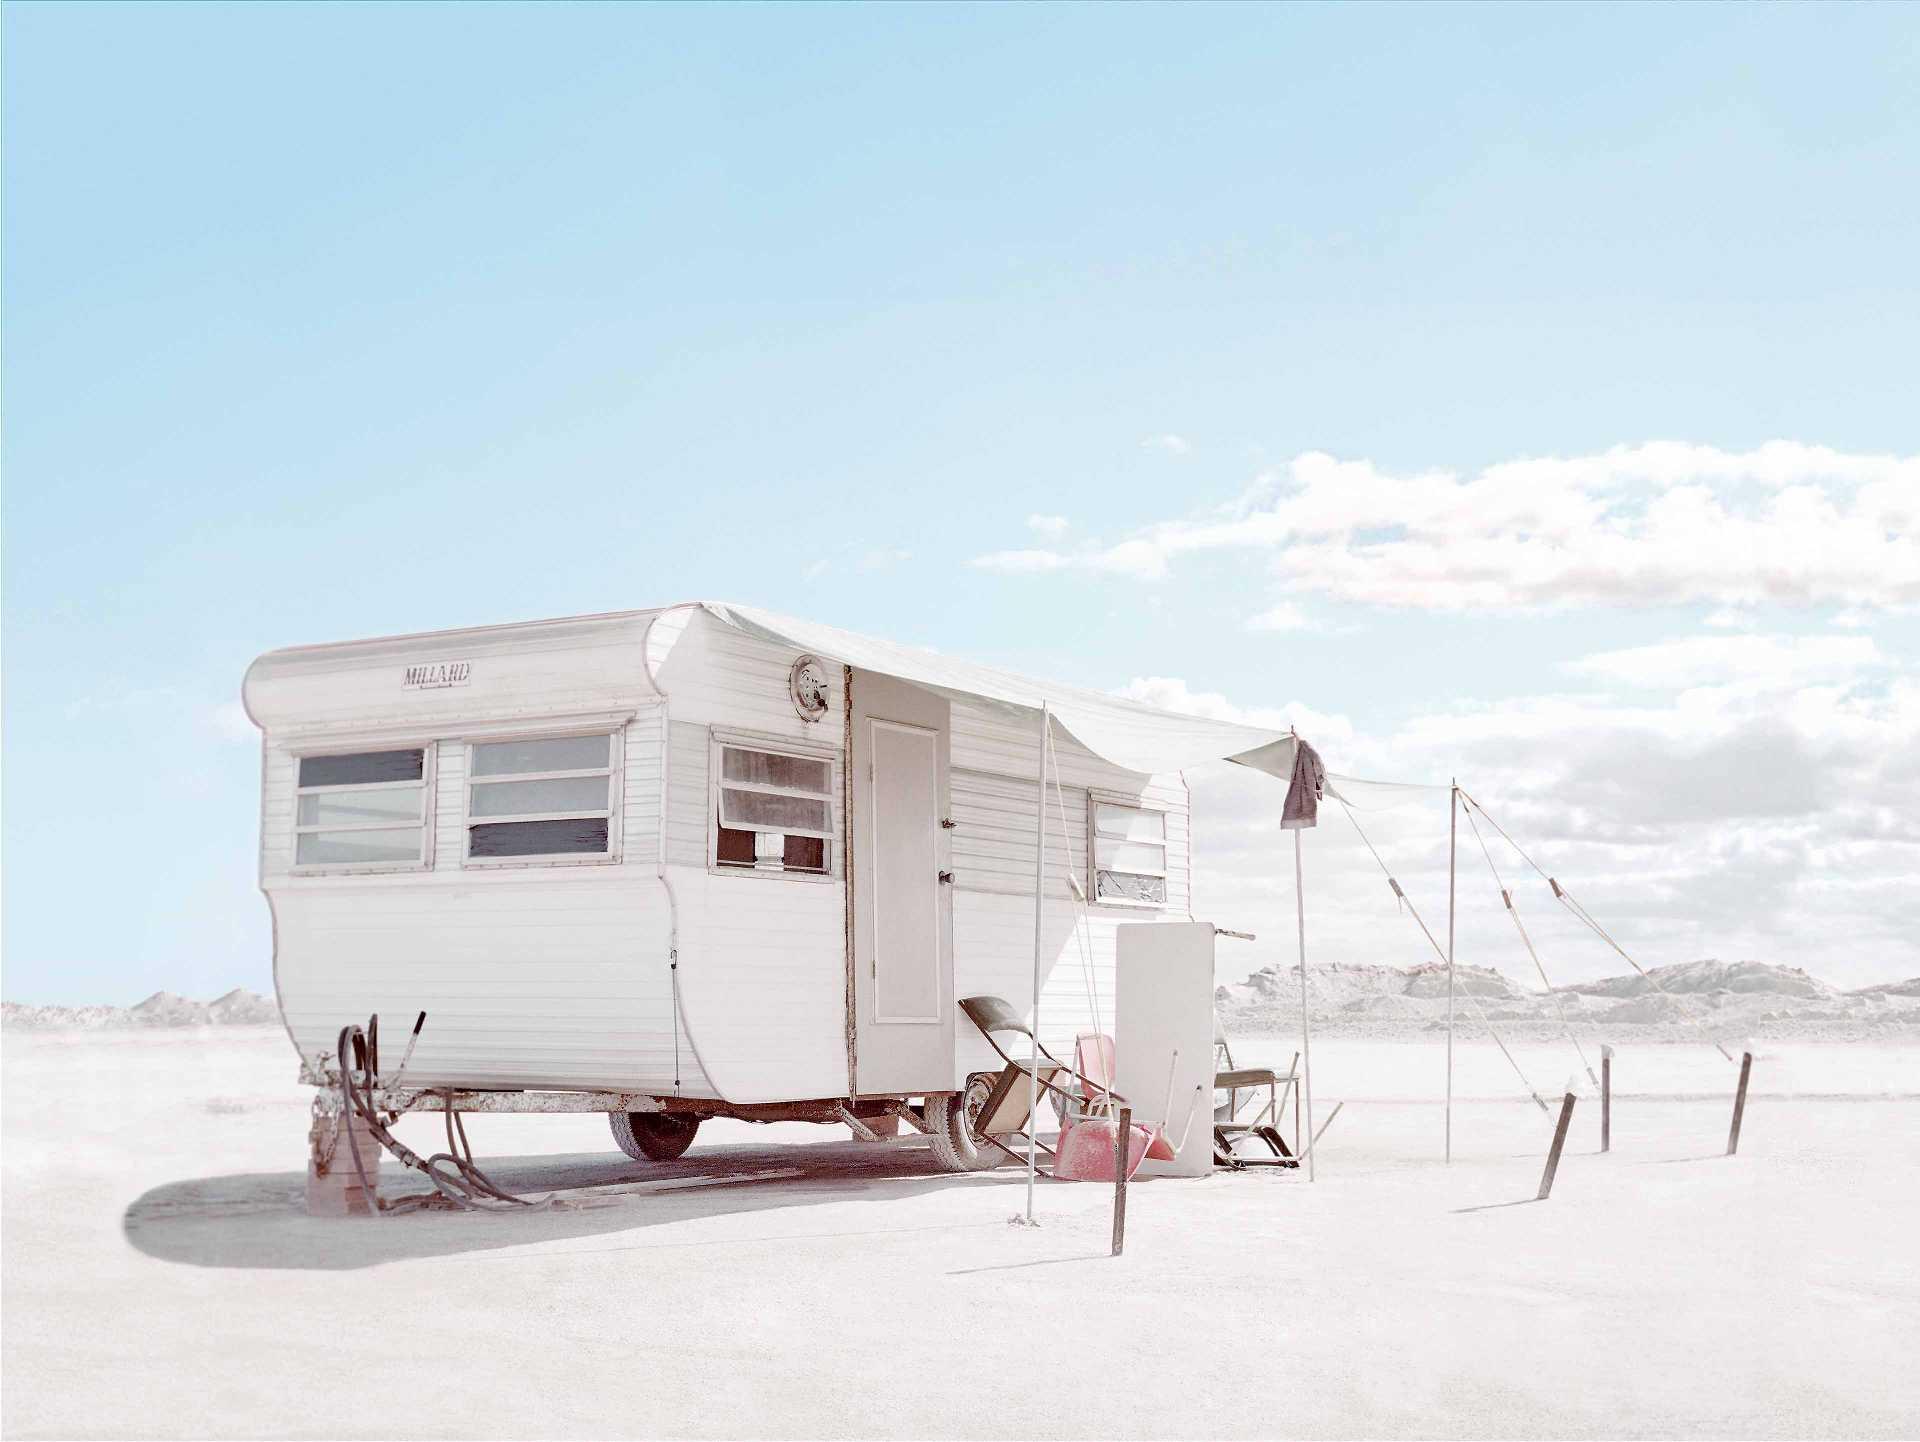 Salt Mine Deserts  - Salt 09 37